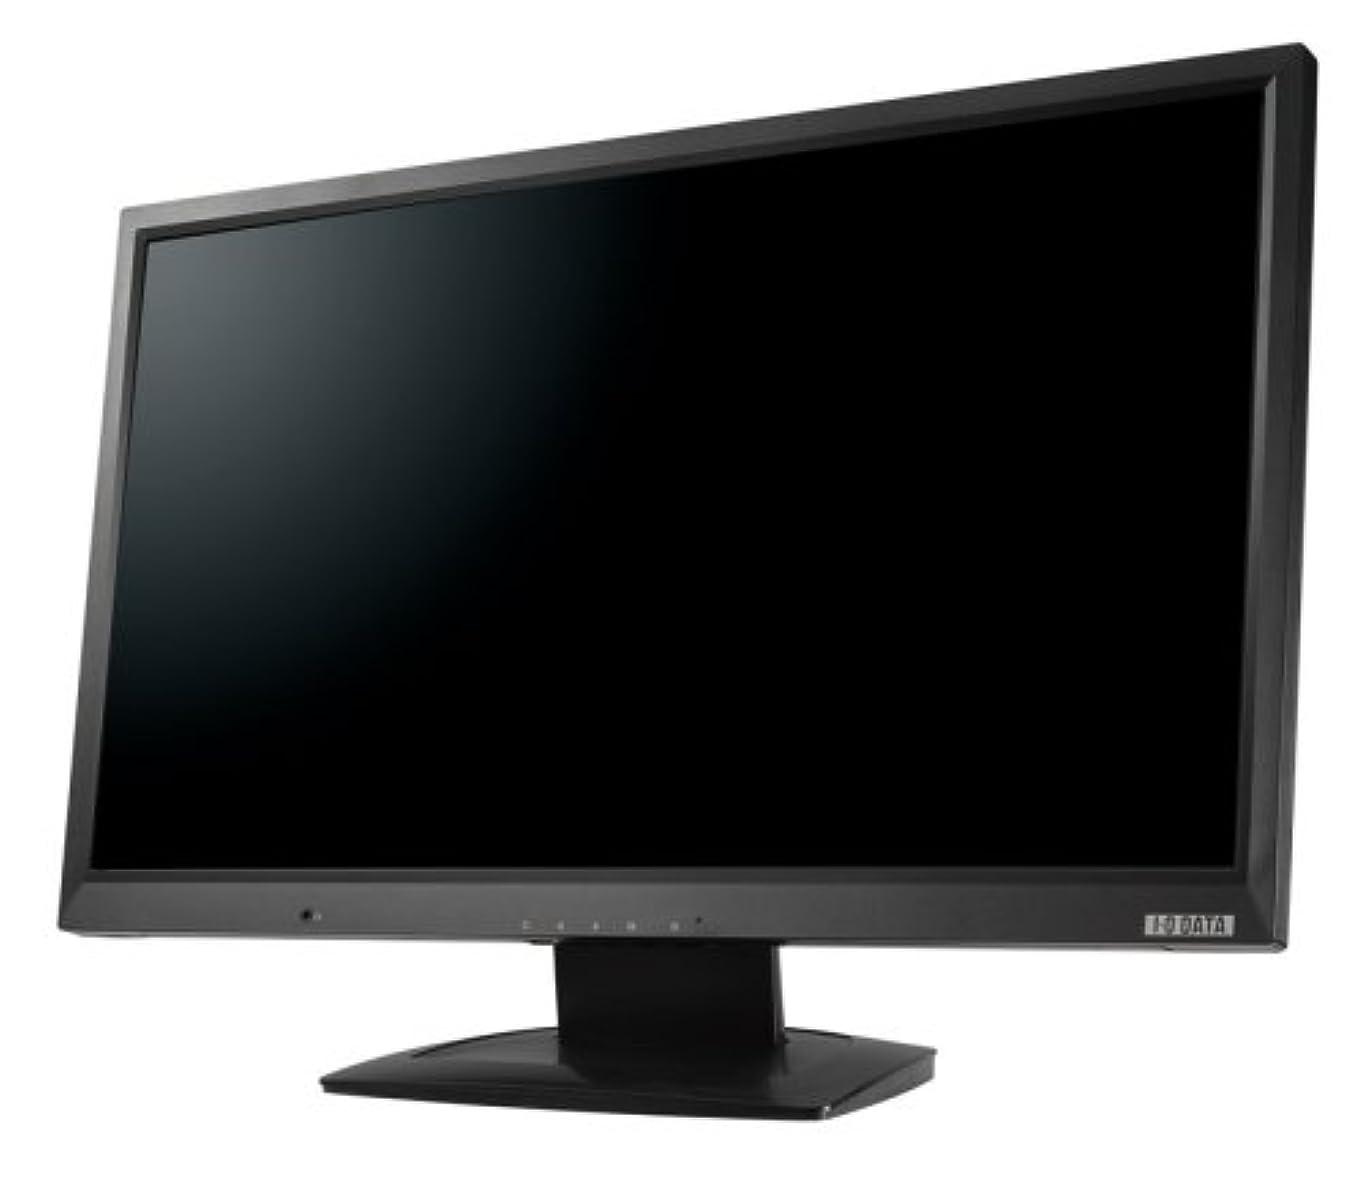 なくなるみすぼらしい乱暴なI-O DATA HDMI搭載 23.6型フルHDワイド液晶ディスプレイ 黒 LCD-MF242XBR